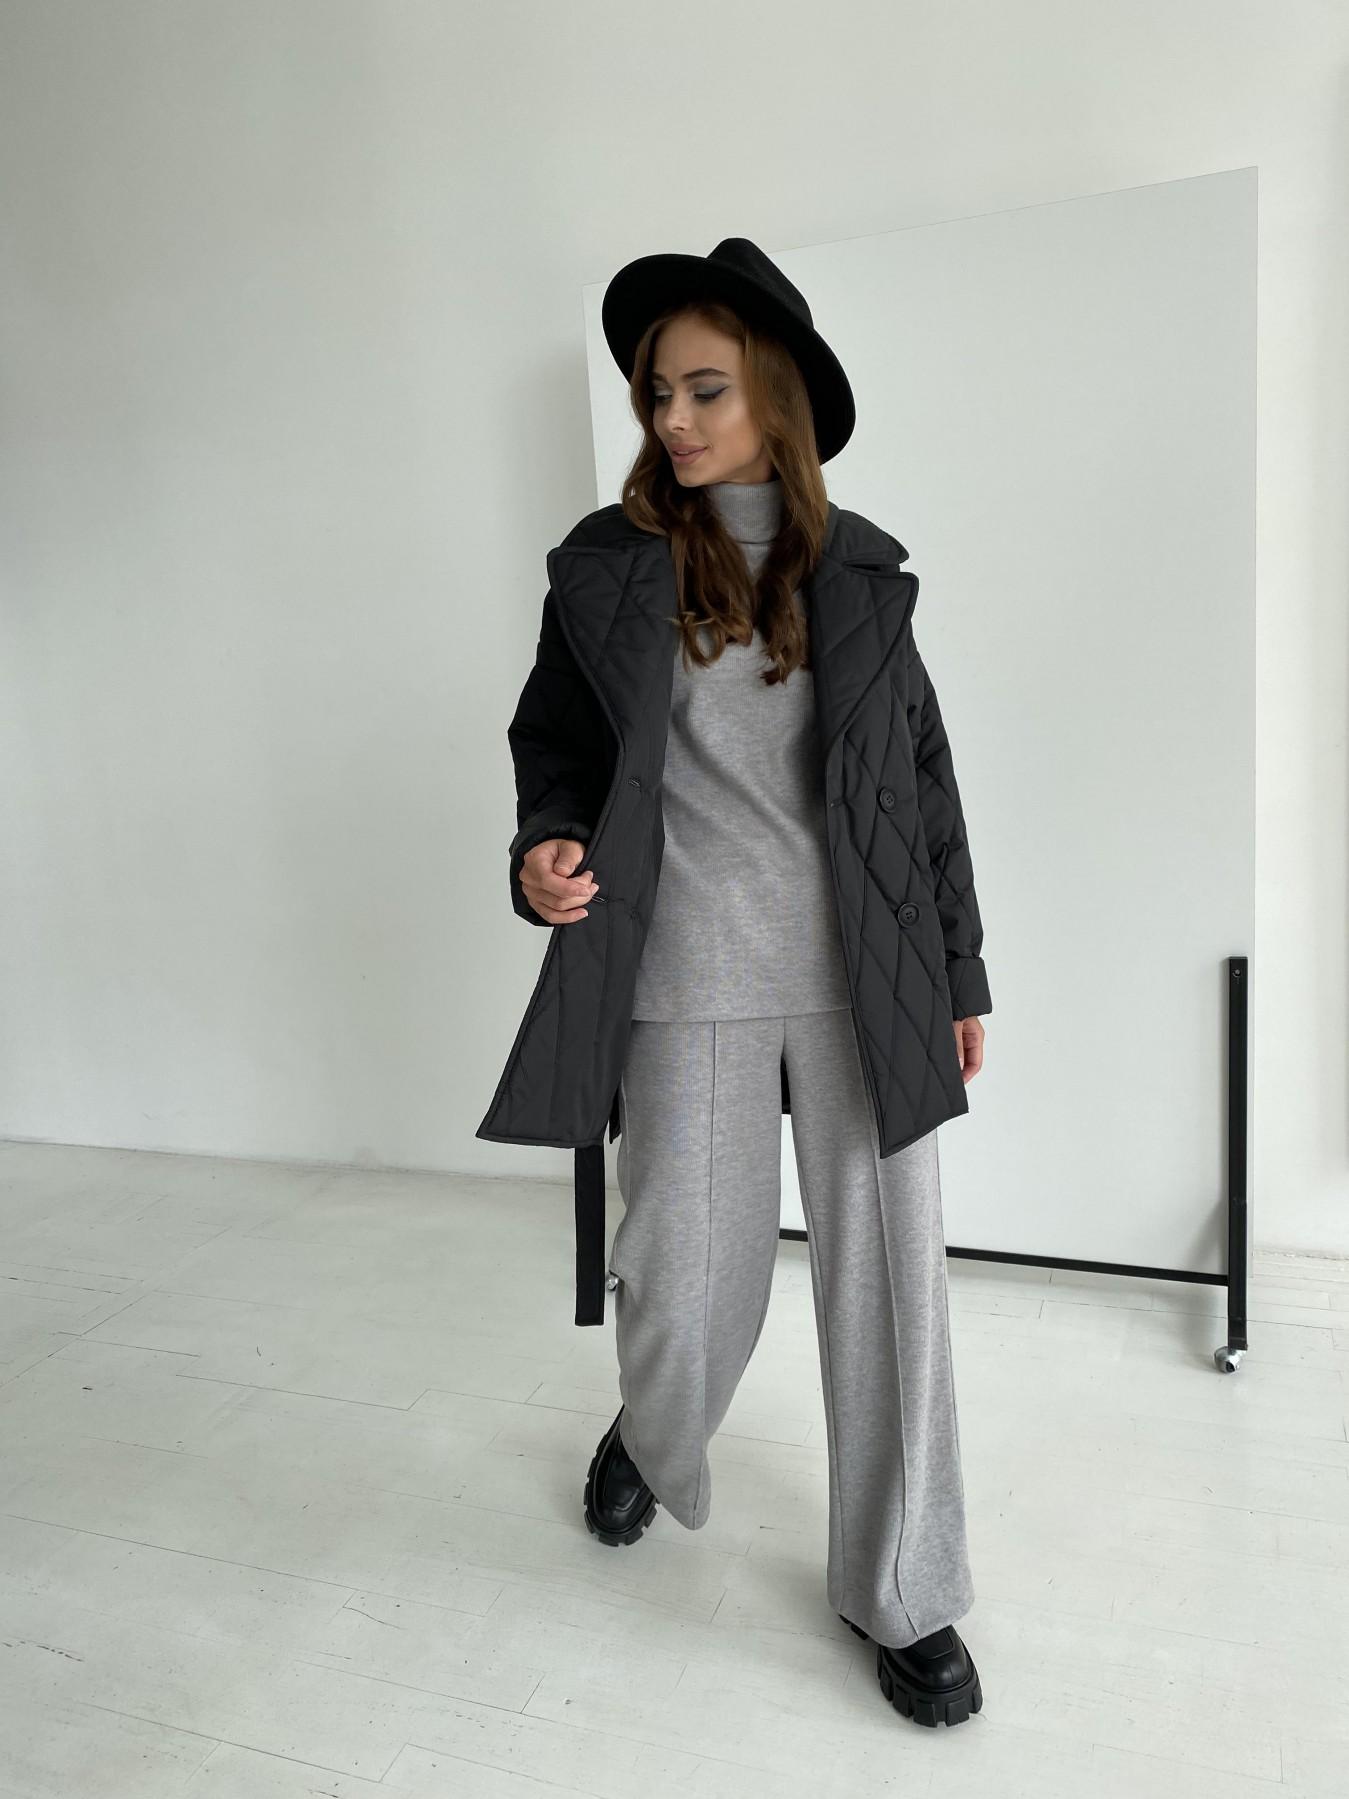 Норд стеганая куртка из плащеки 11770  АРТ. 48512 Цвет: Черный - фото 2, интернет магазин tm-modus.ru